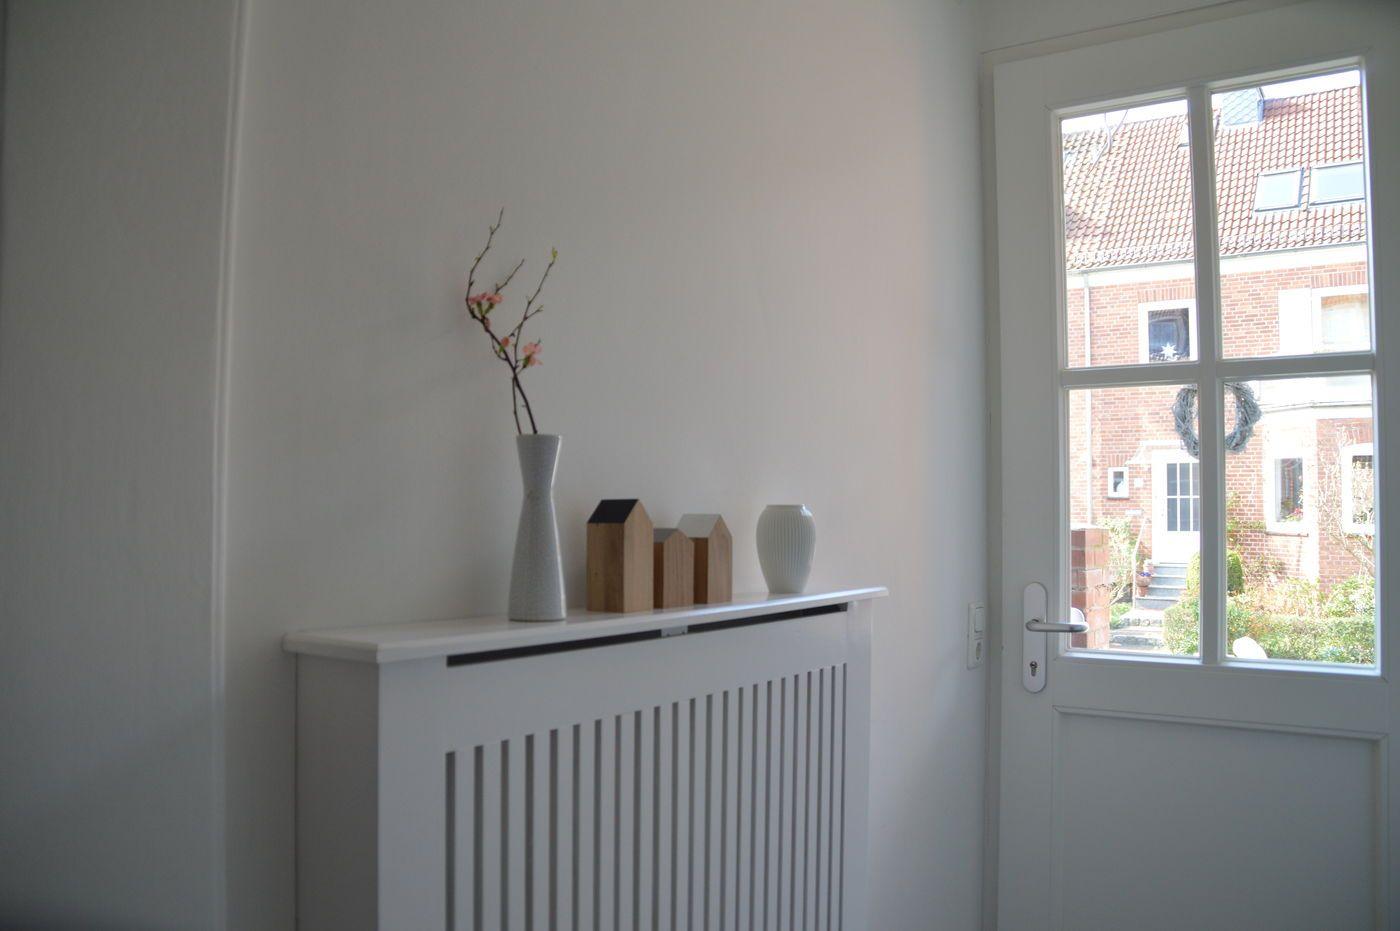 die besten ideen f r deine heizungsverkleidung. Black Bedroom Furniture Sets. Home Design Ideas